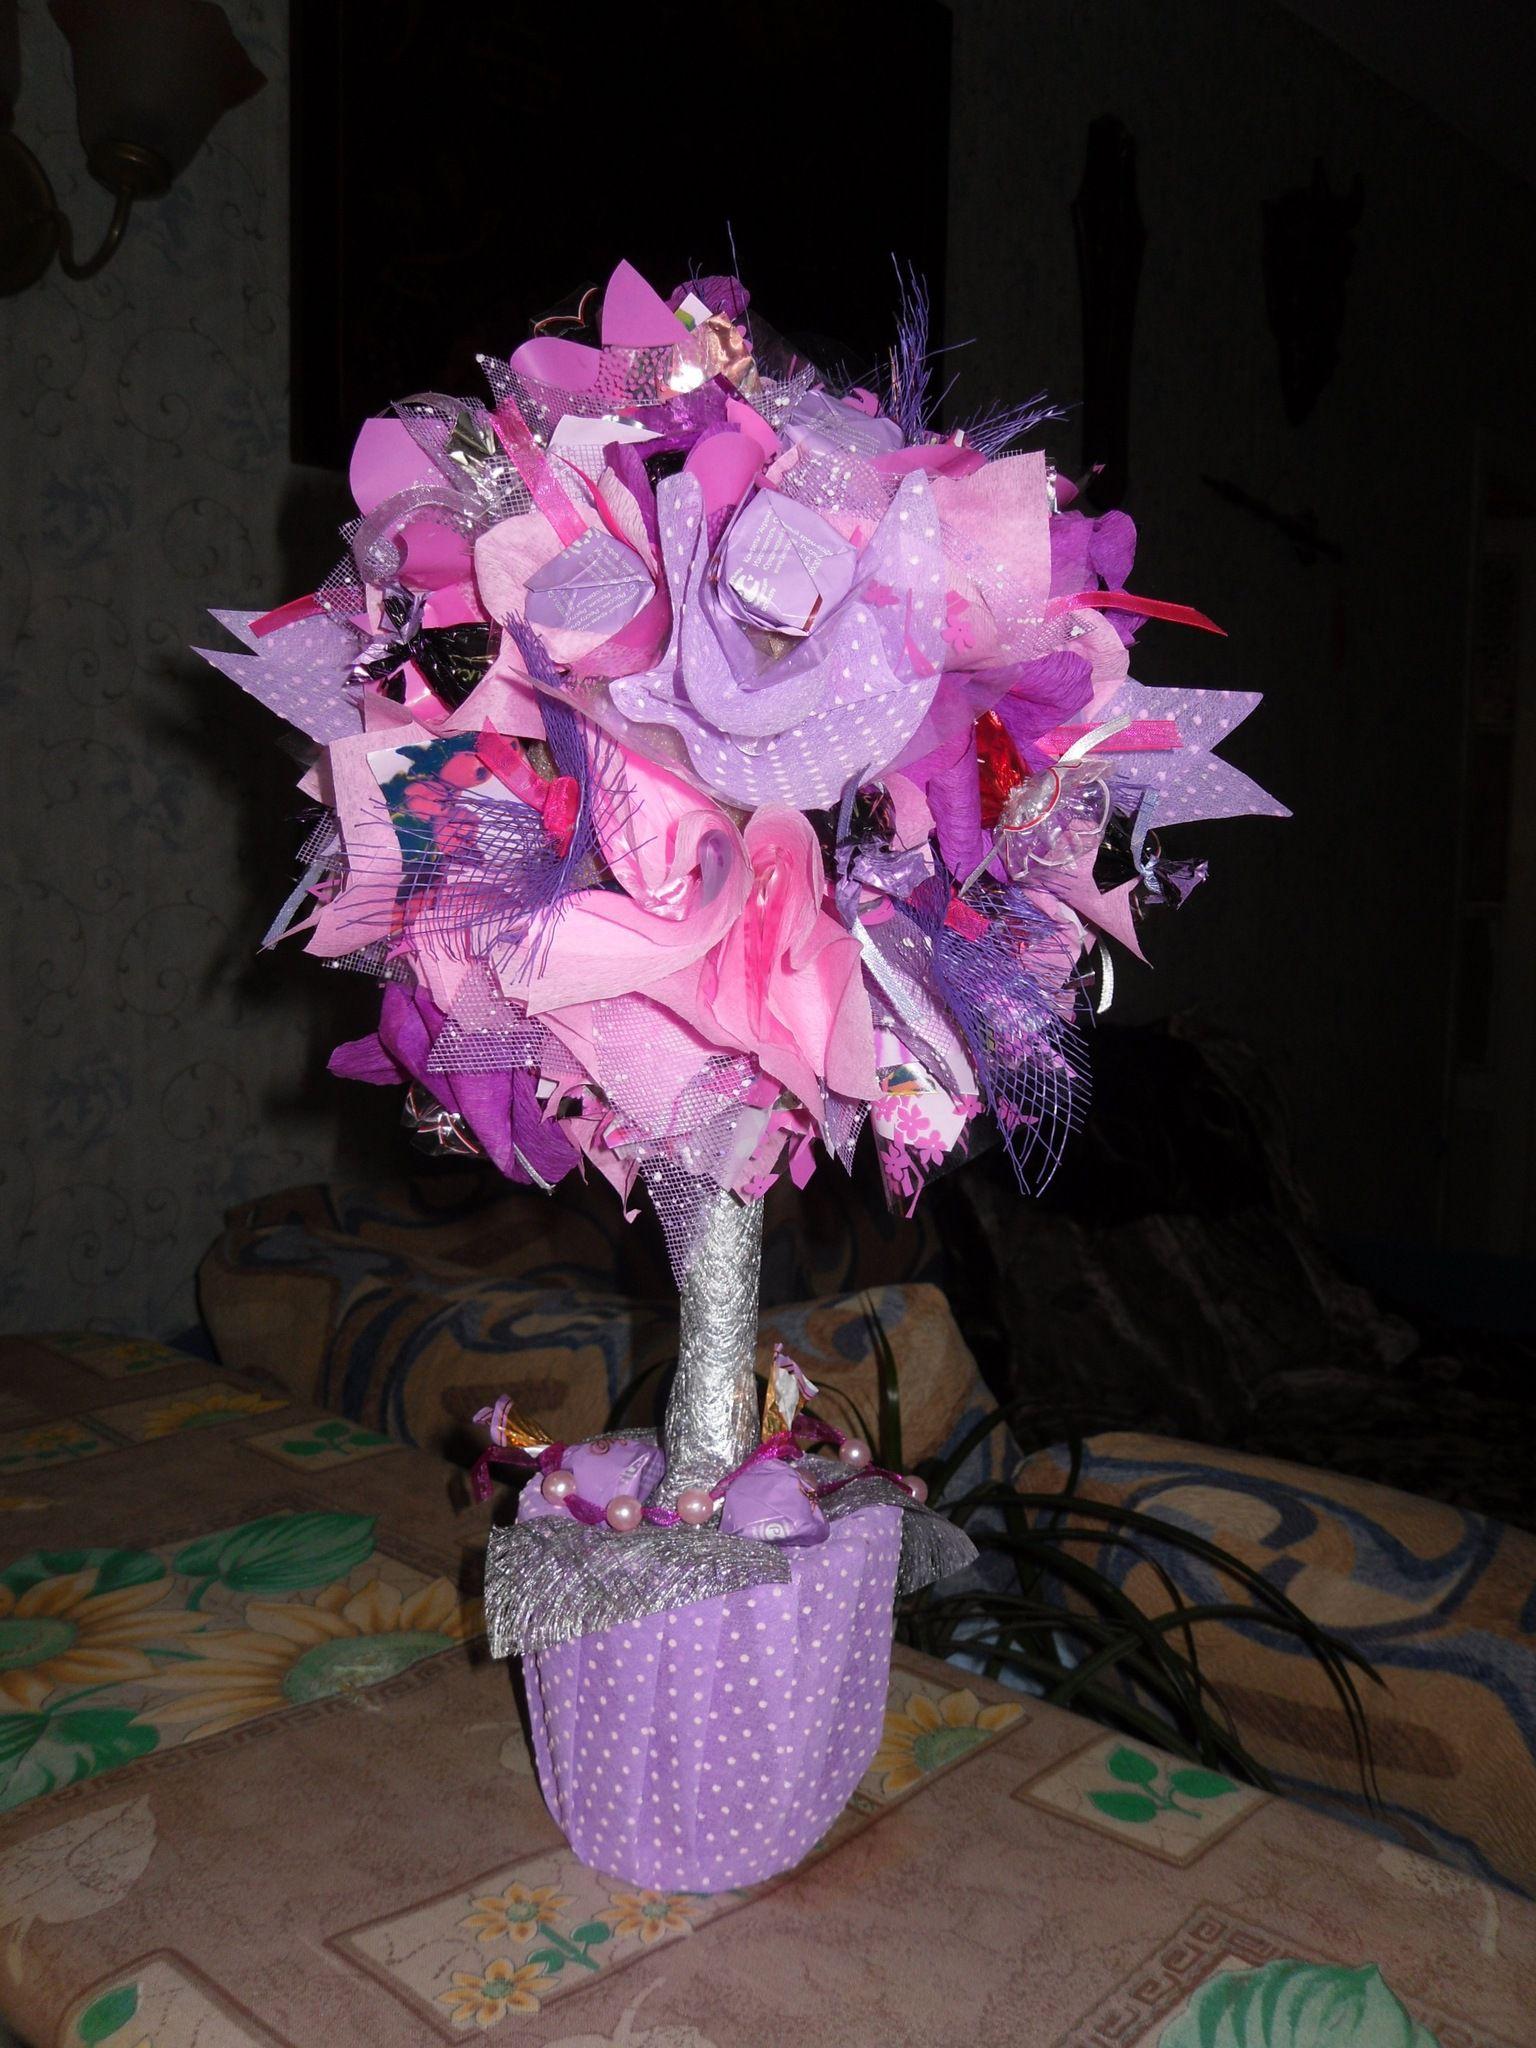 букеты свадебные конфет молодожены фужеры молодоженам красивые подарки свадьба конфетные